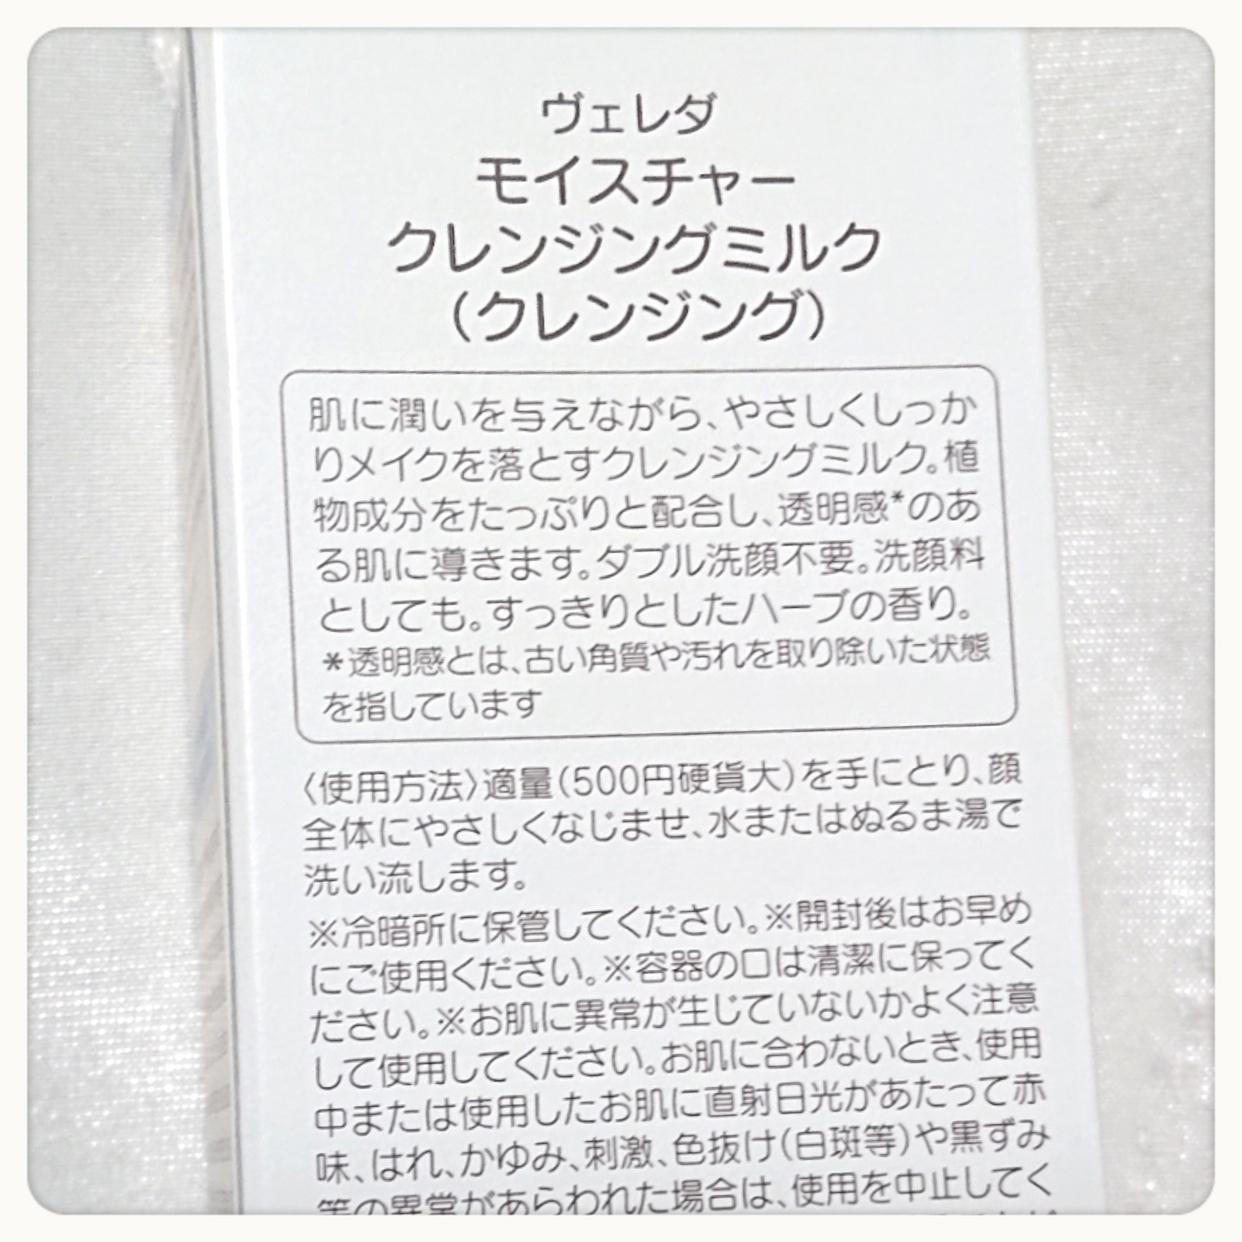 WELEDA(ヴェレダ) モイスチャー クレンジングミルクの良い点・メリットに関するnakoさんの口コミ画像3